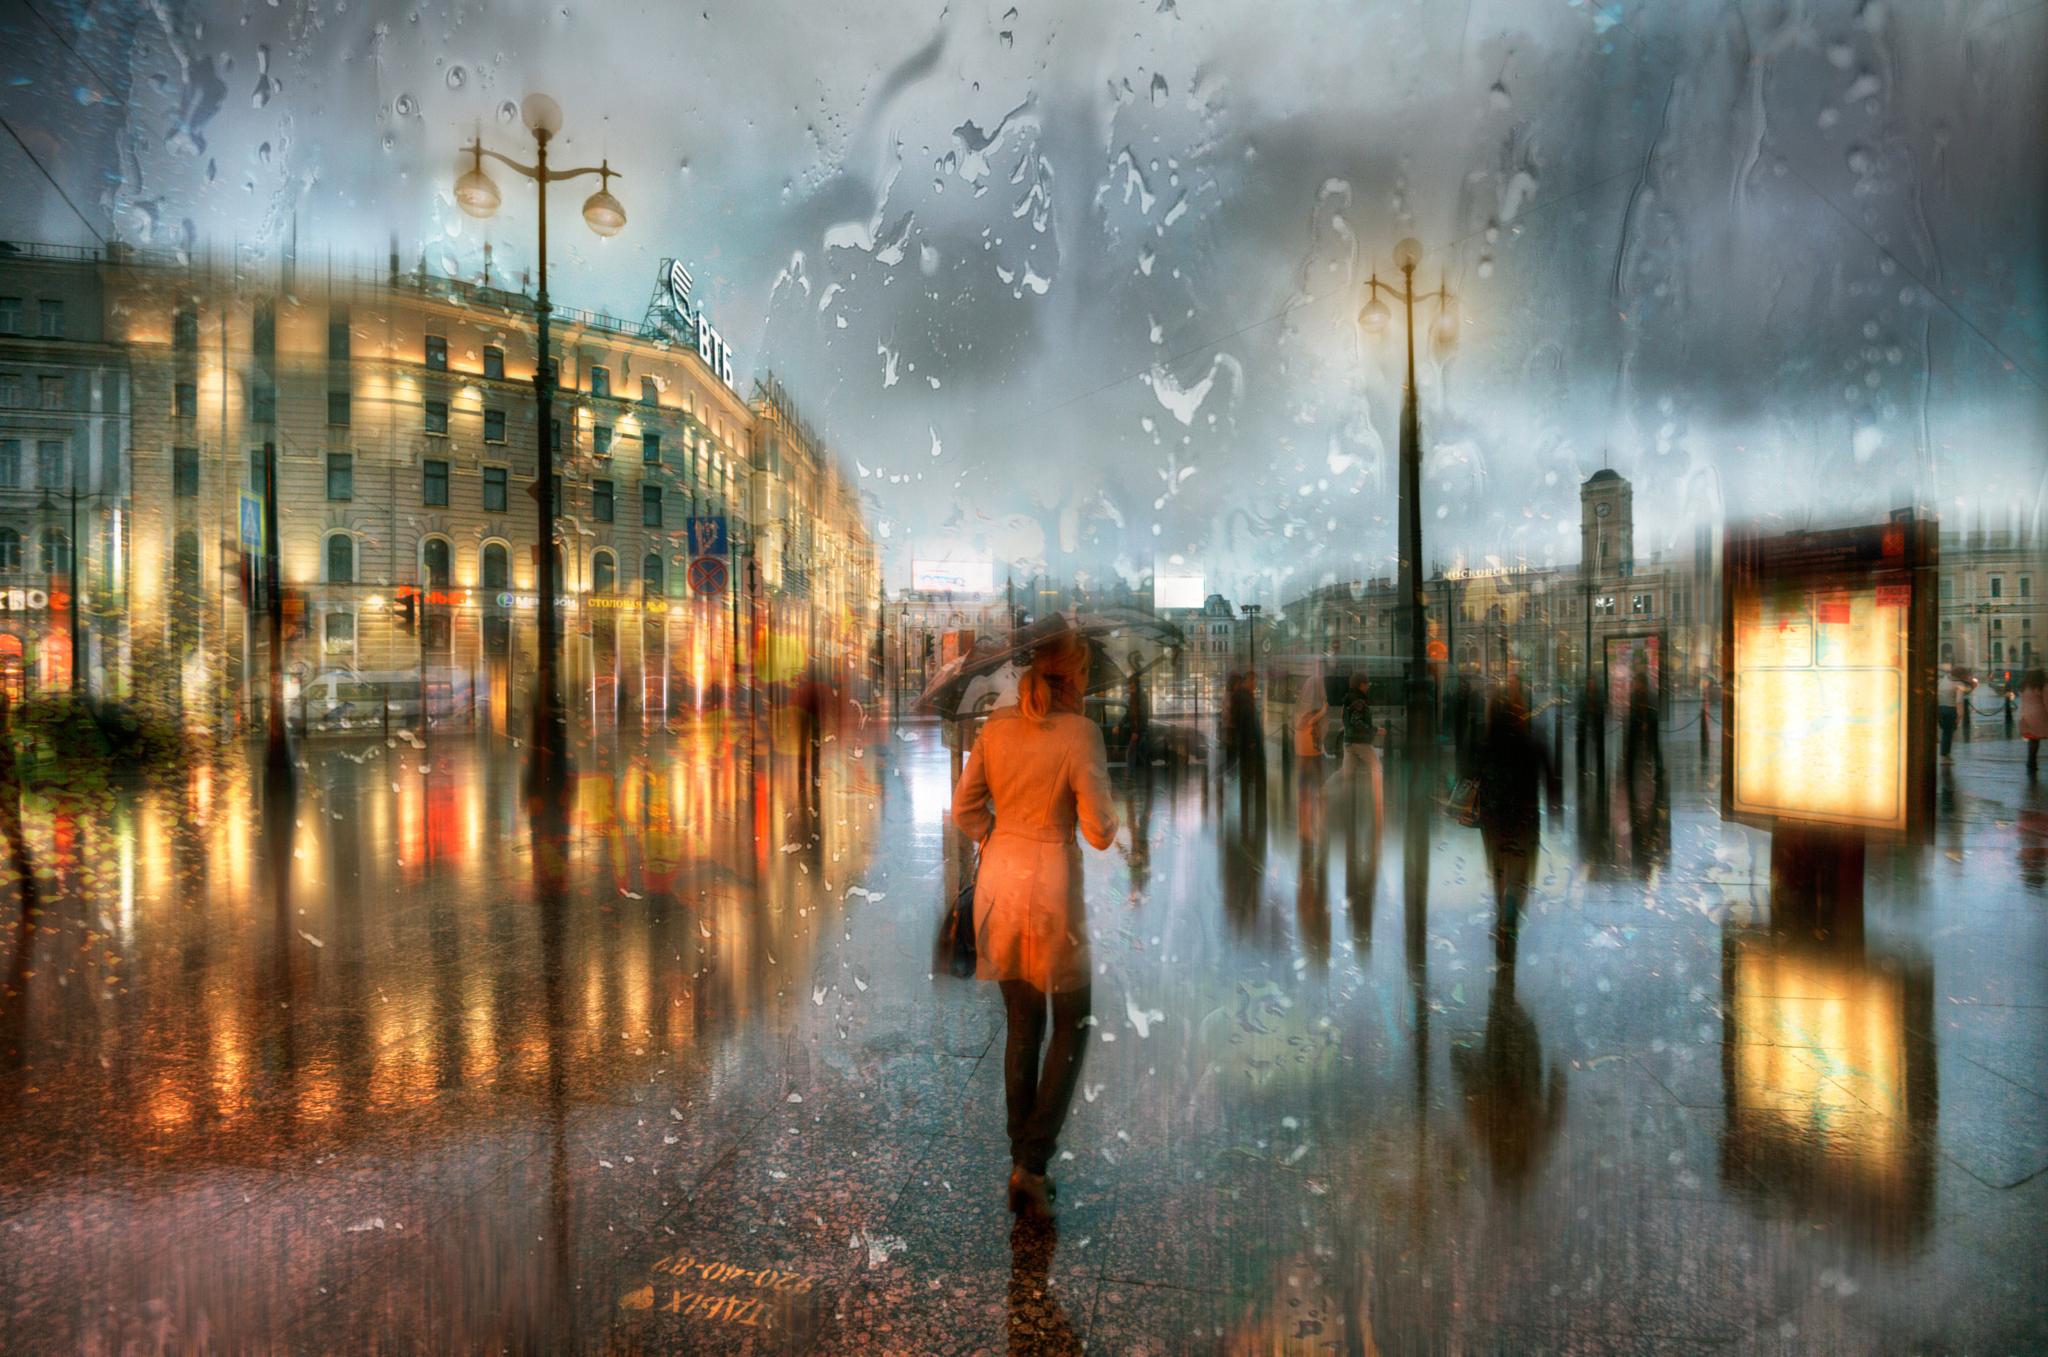 Дождь питер обои для рабочего стола